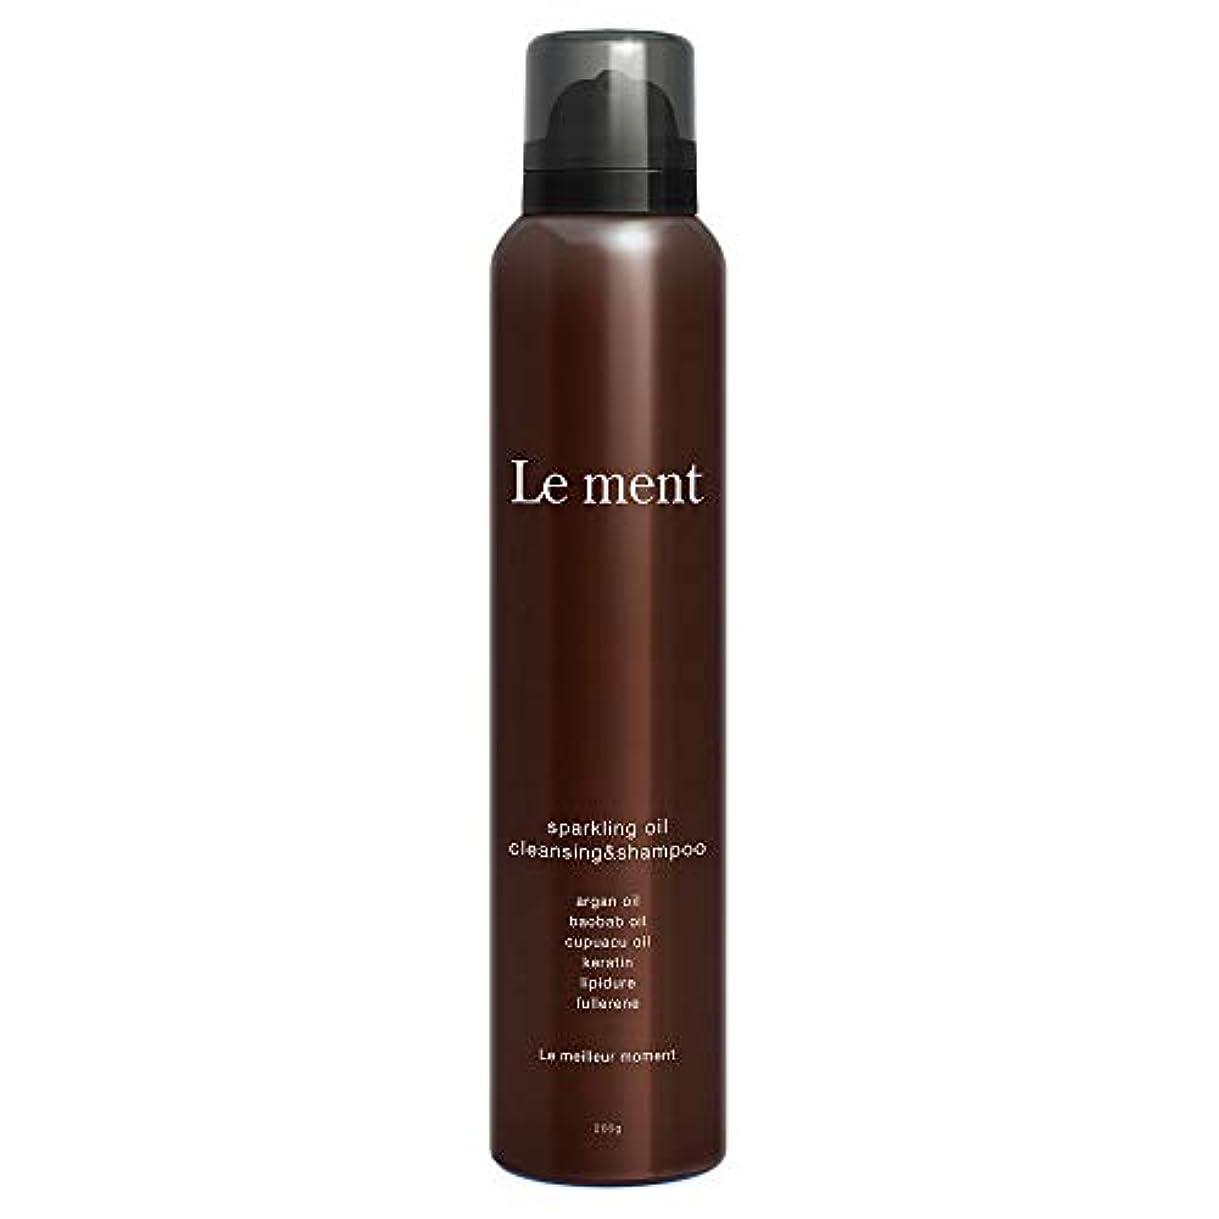 太いエラー第Le ment -sparkling oil cleansing & shampoo -